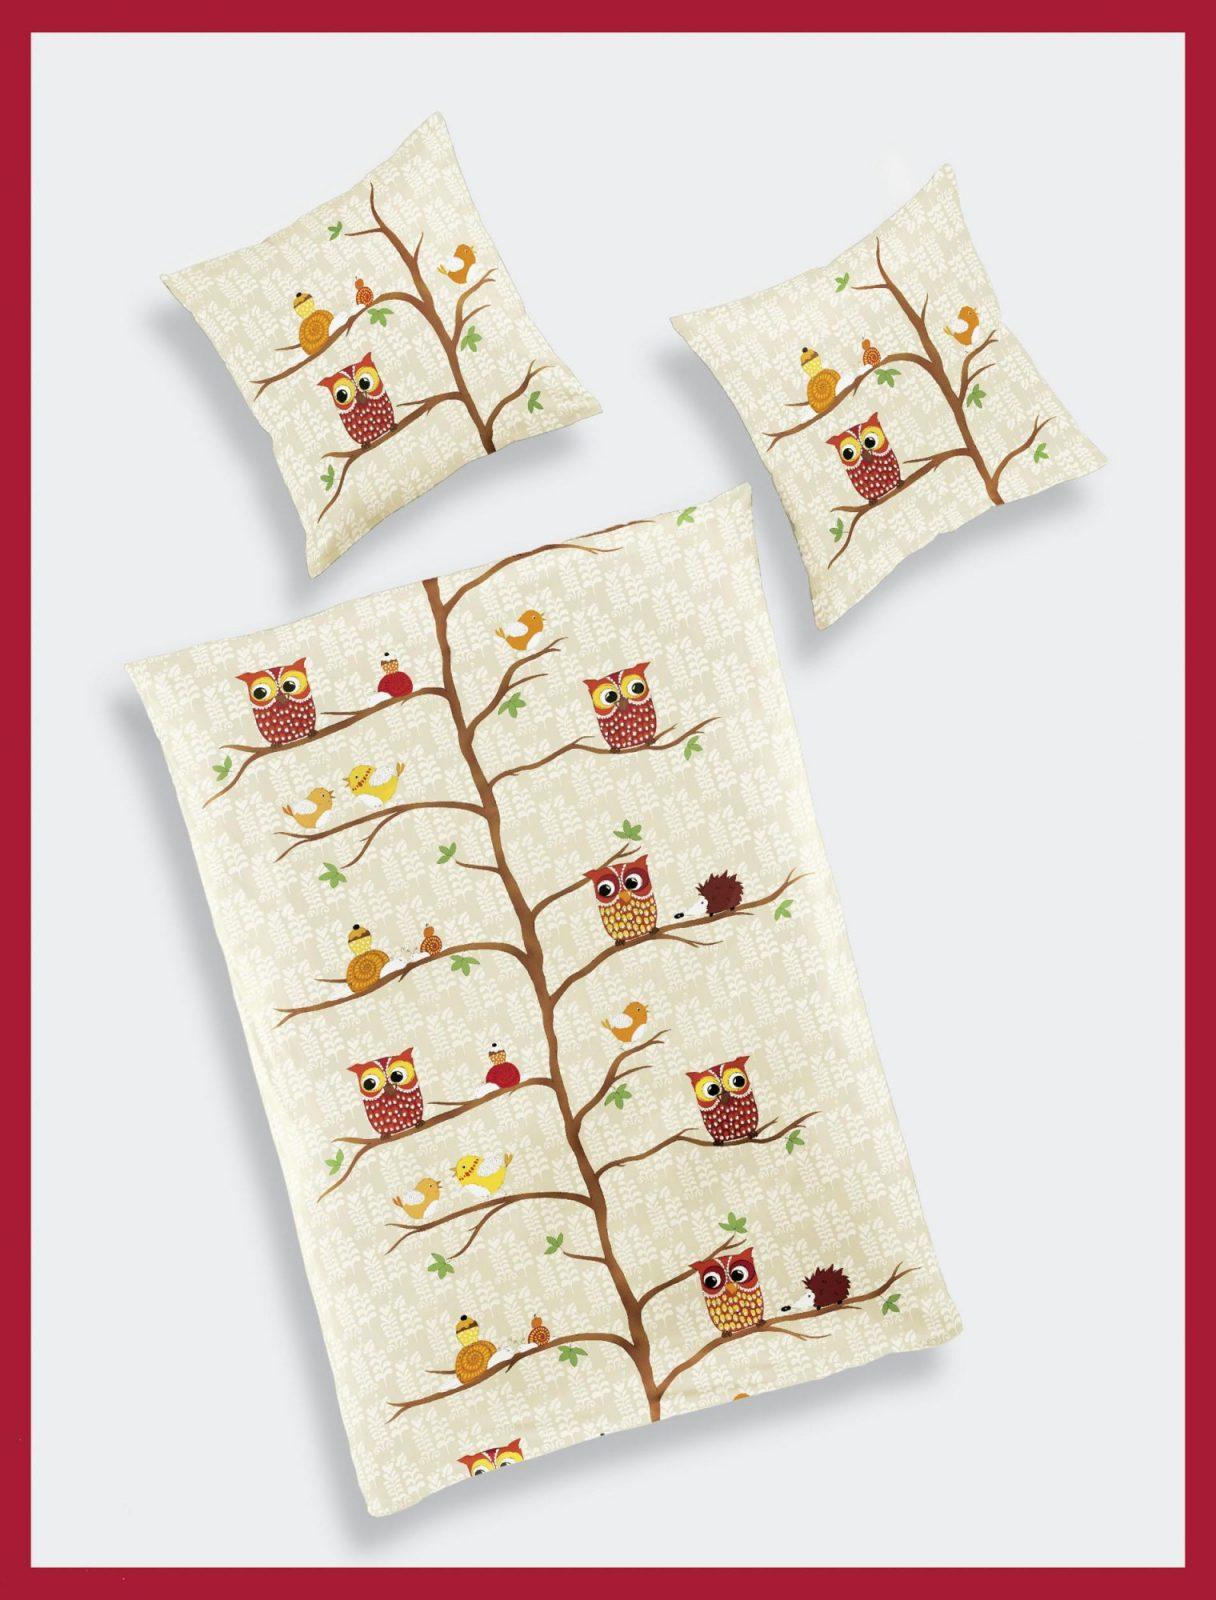 Bierbaum Kinderbiberbettwäsche Eulen 2361 135 X 200 Cm  Betten von Bierbaum Biber Bettwäsche 135X200 Bild